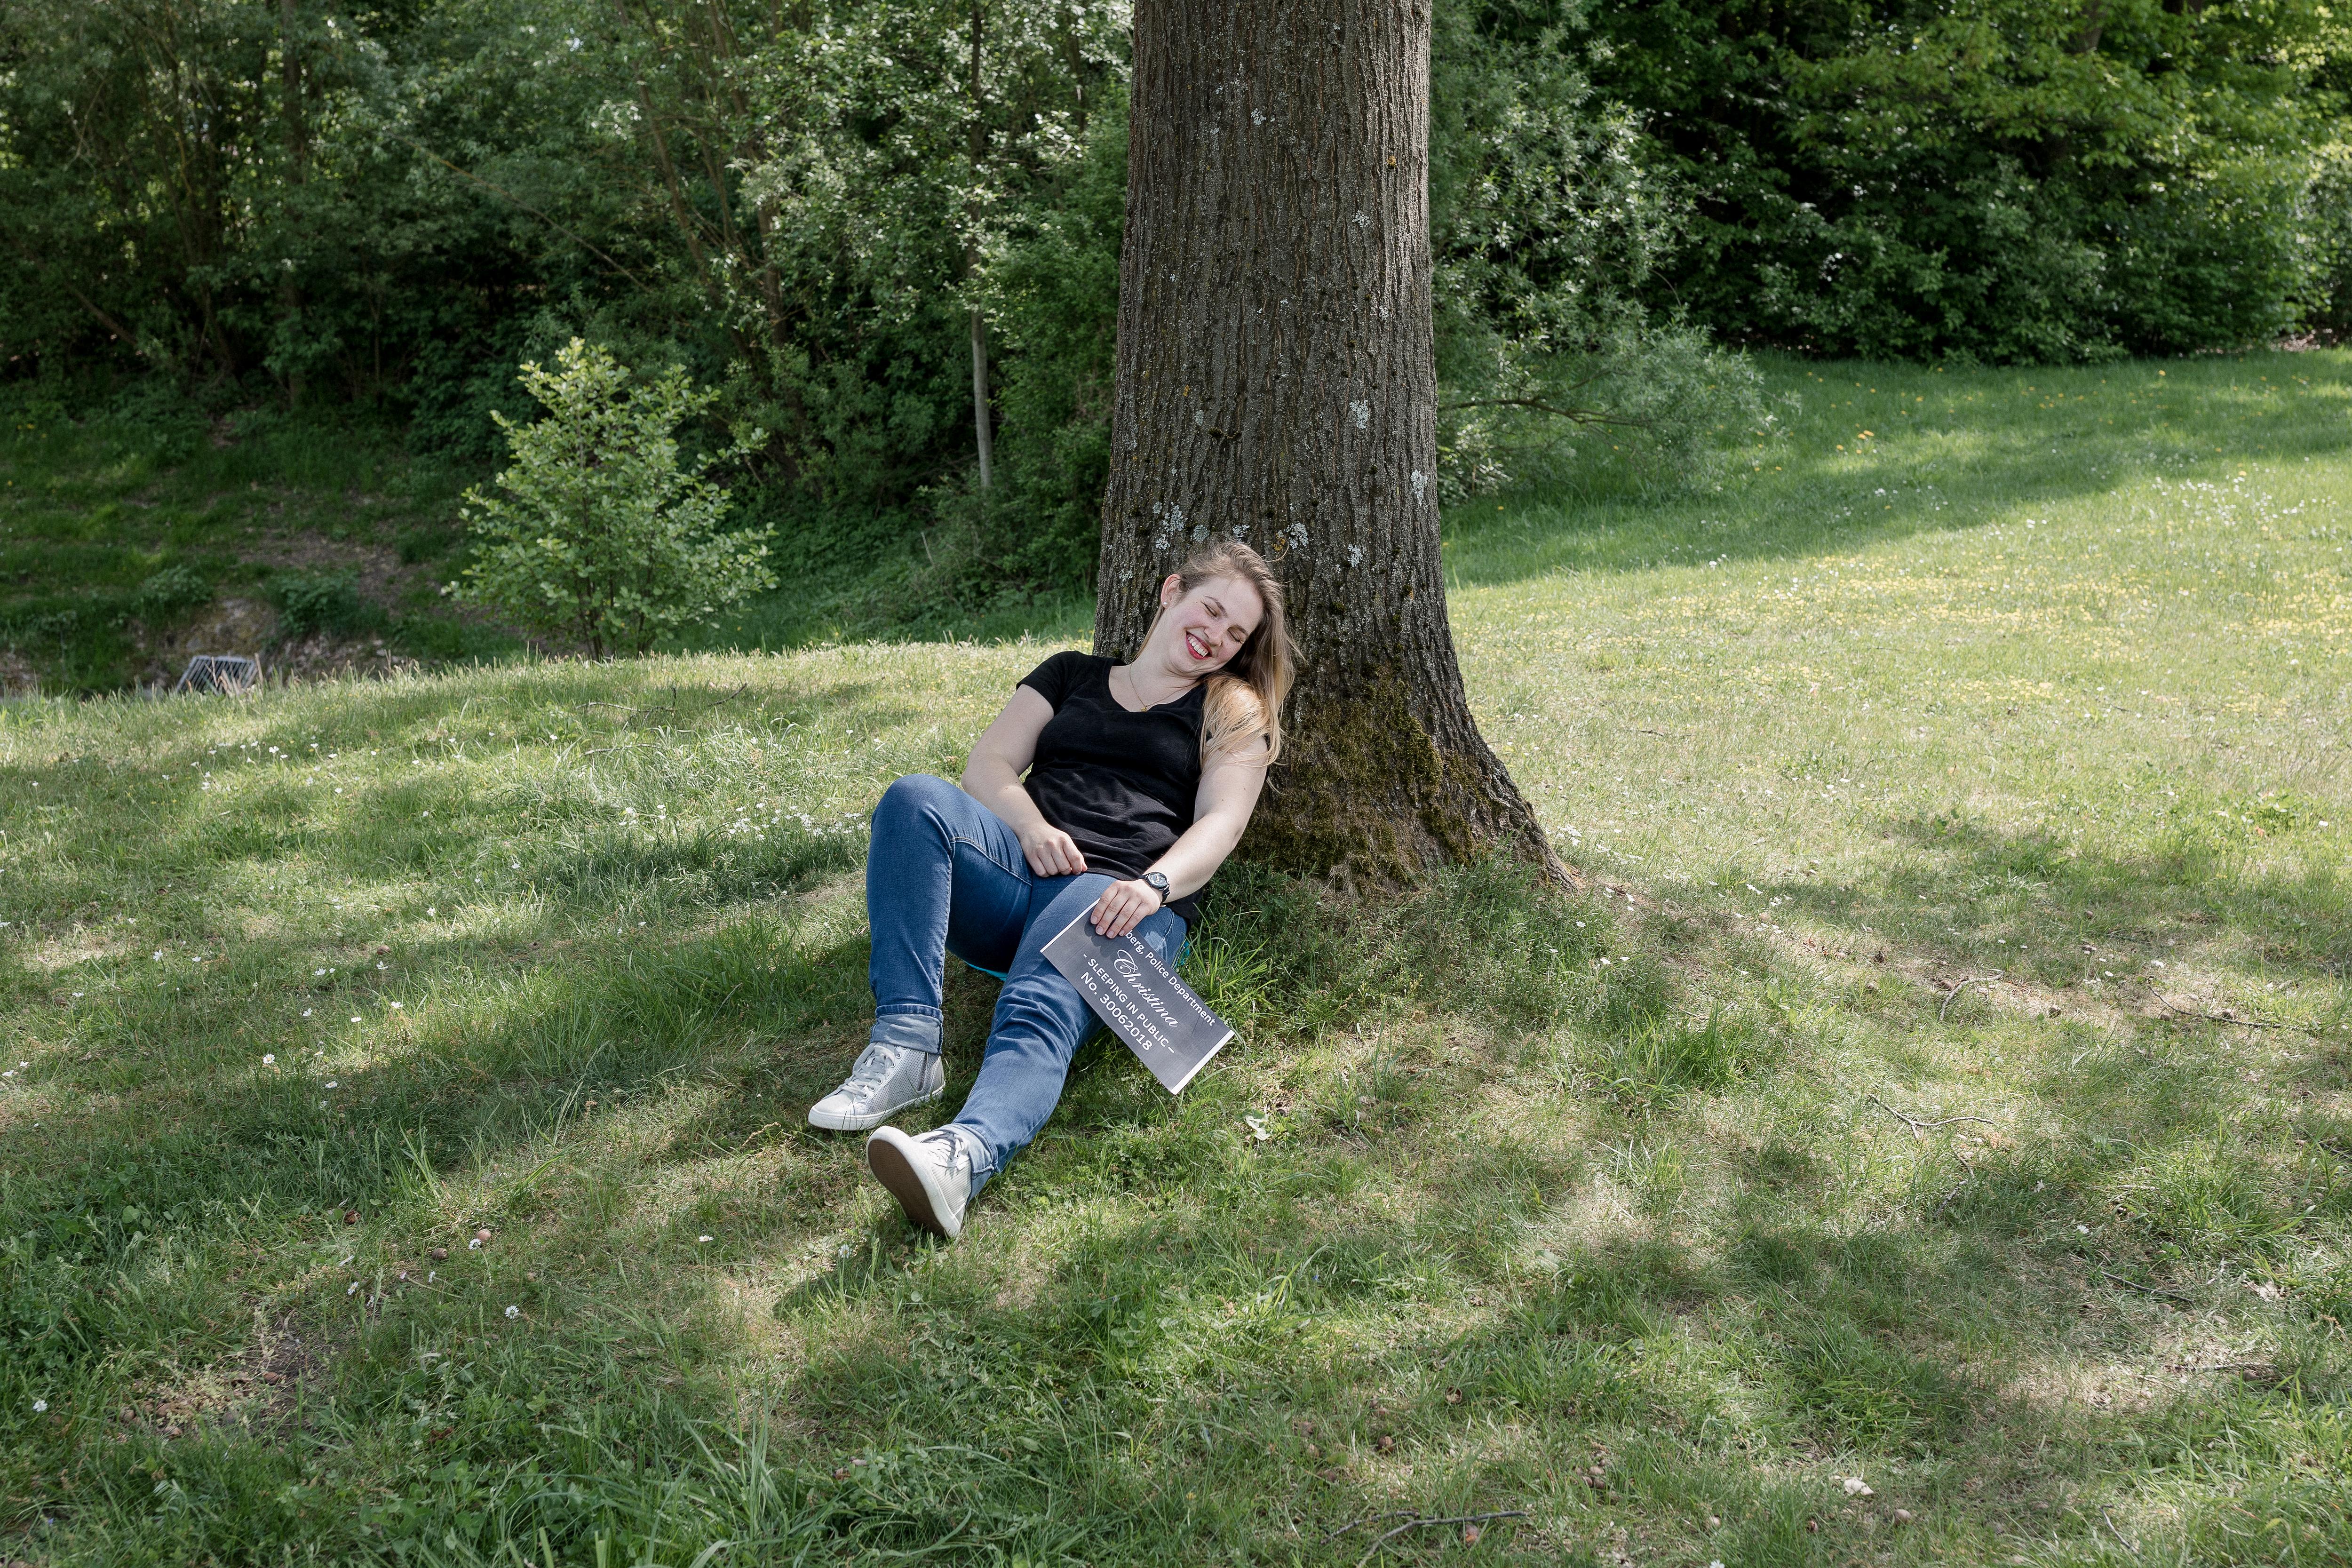 URBANERIE_Daniela_Goth_Vintage_Fotografin_Nuernberg_Fuerth_Erlangen_180428_002_0129